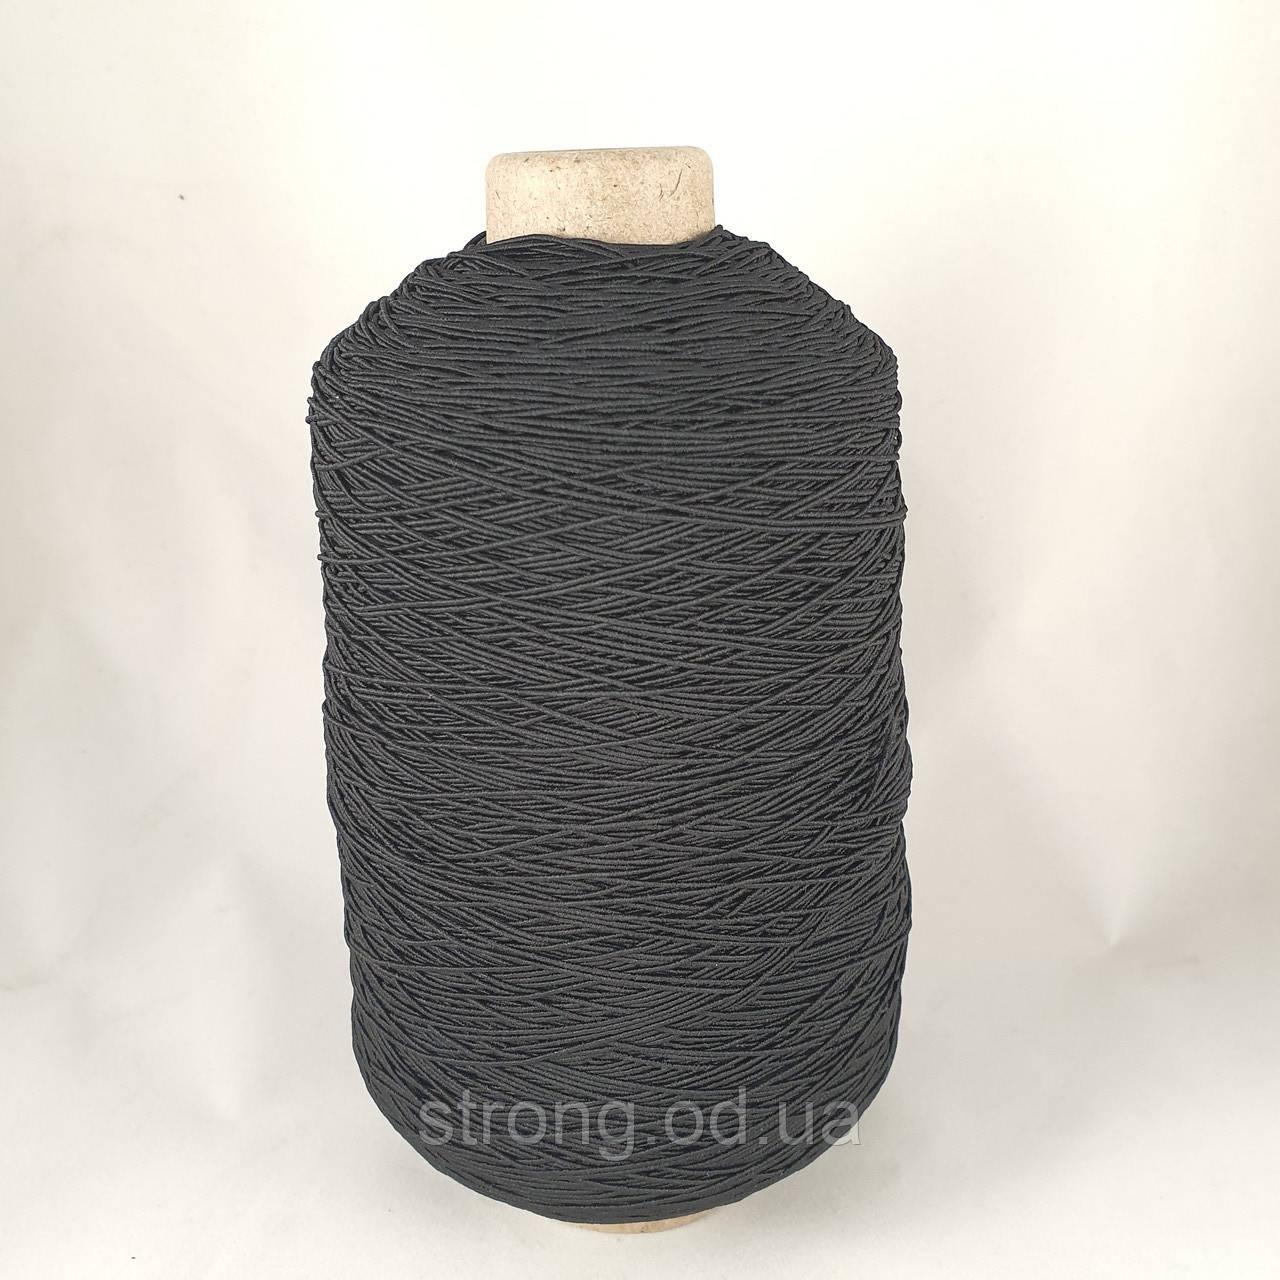 Нитка Резинка 400 грам. Черная